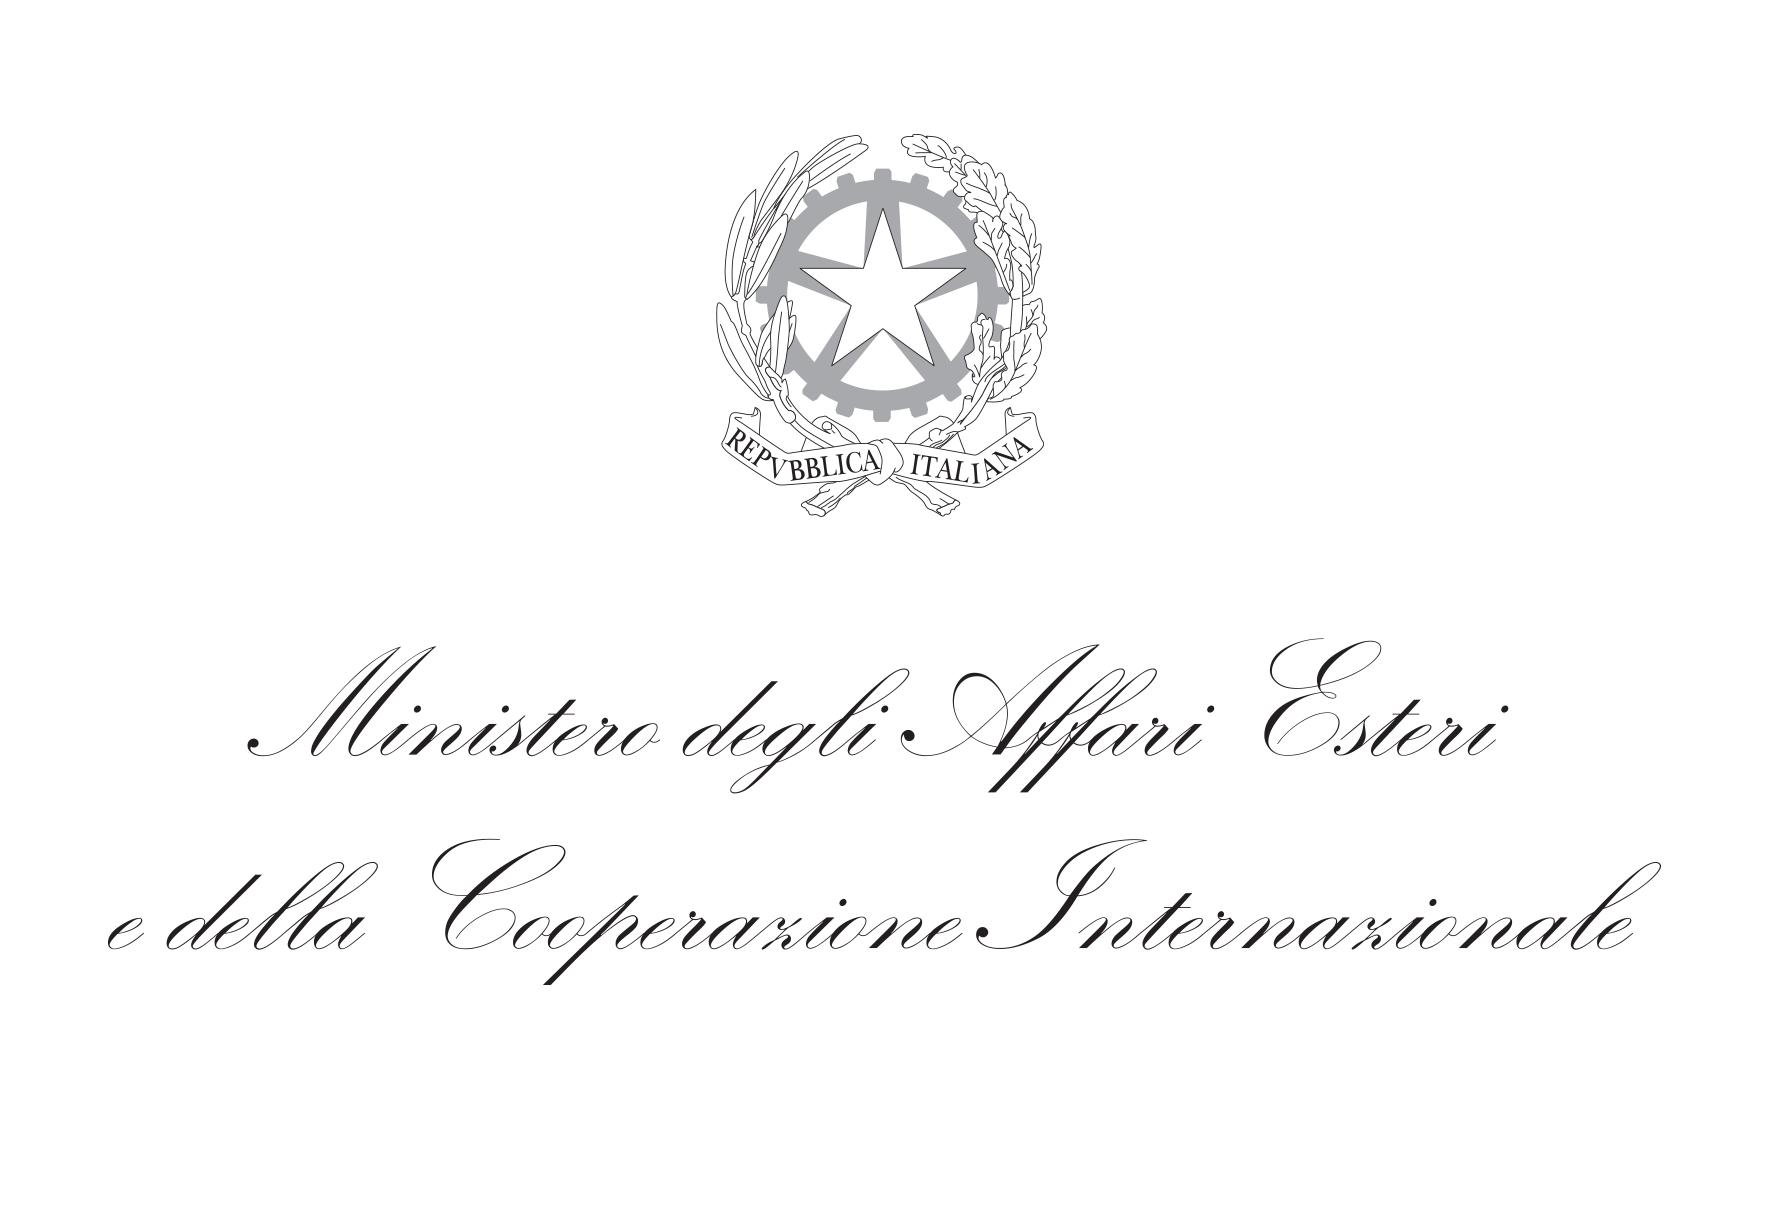 Ministero degli Affari Esteri e della Cooperazione